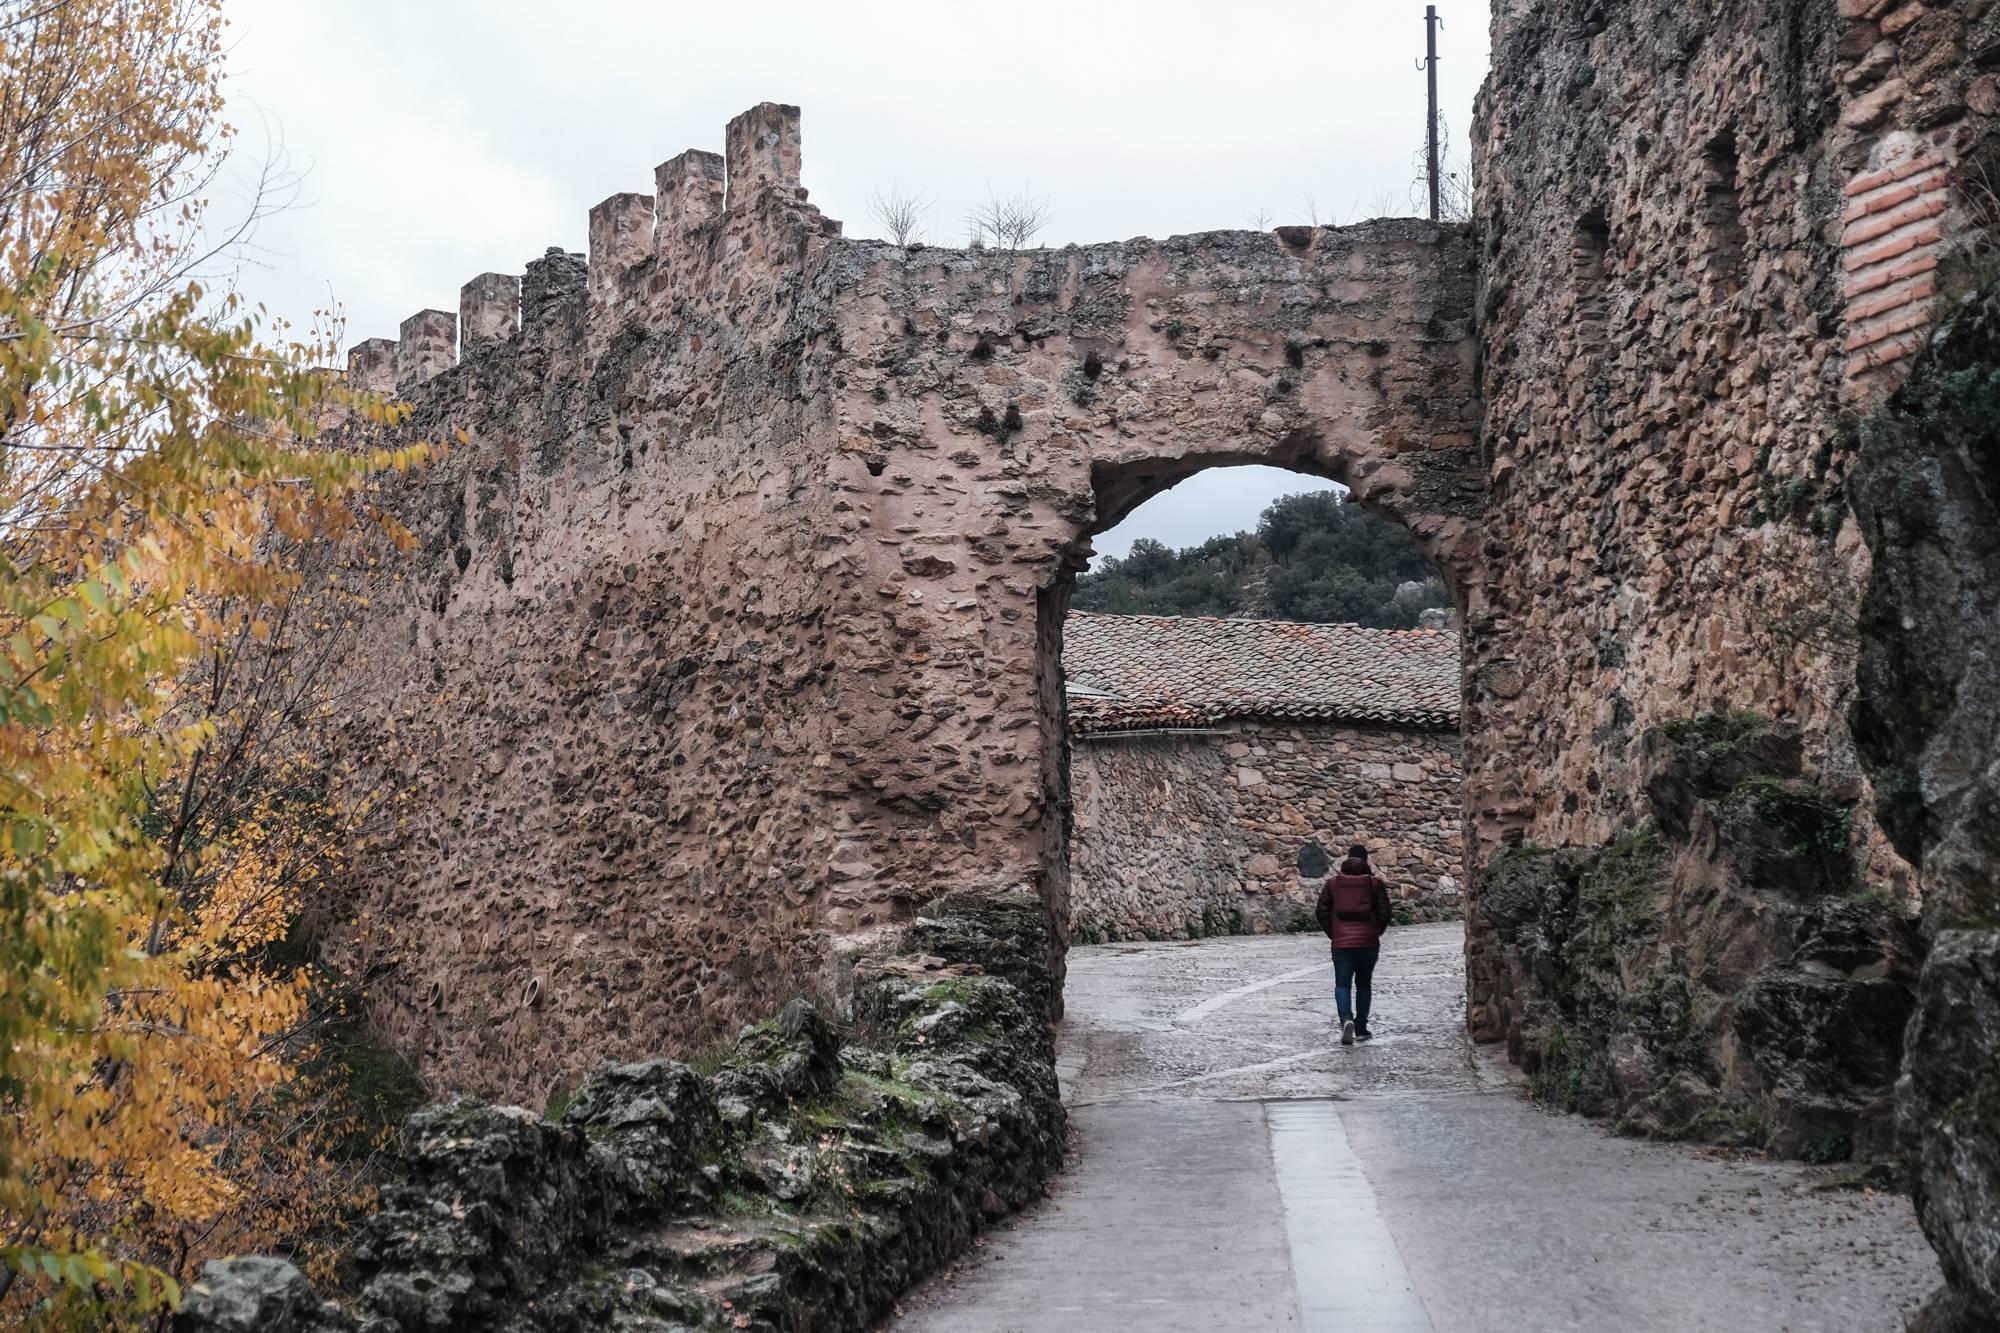 Los portales por los que se puede atravesar la muralla, anticipo del atractivo cultural del municipio.